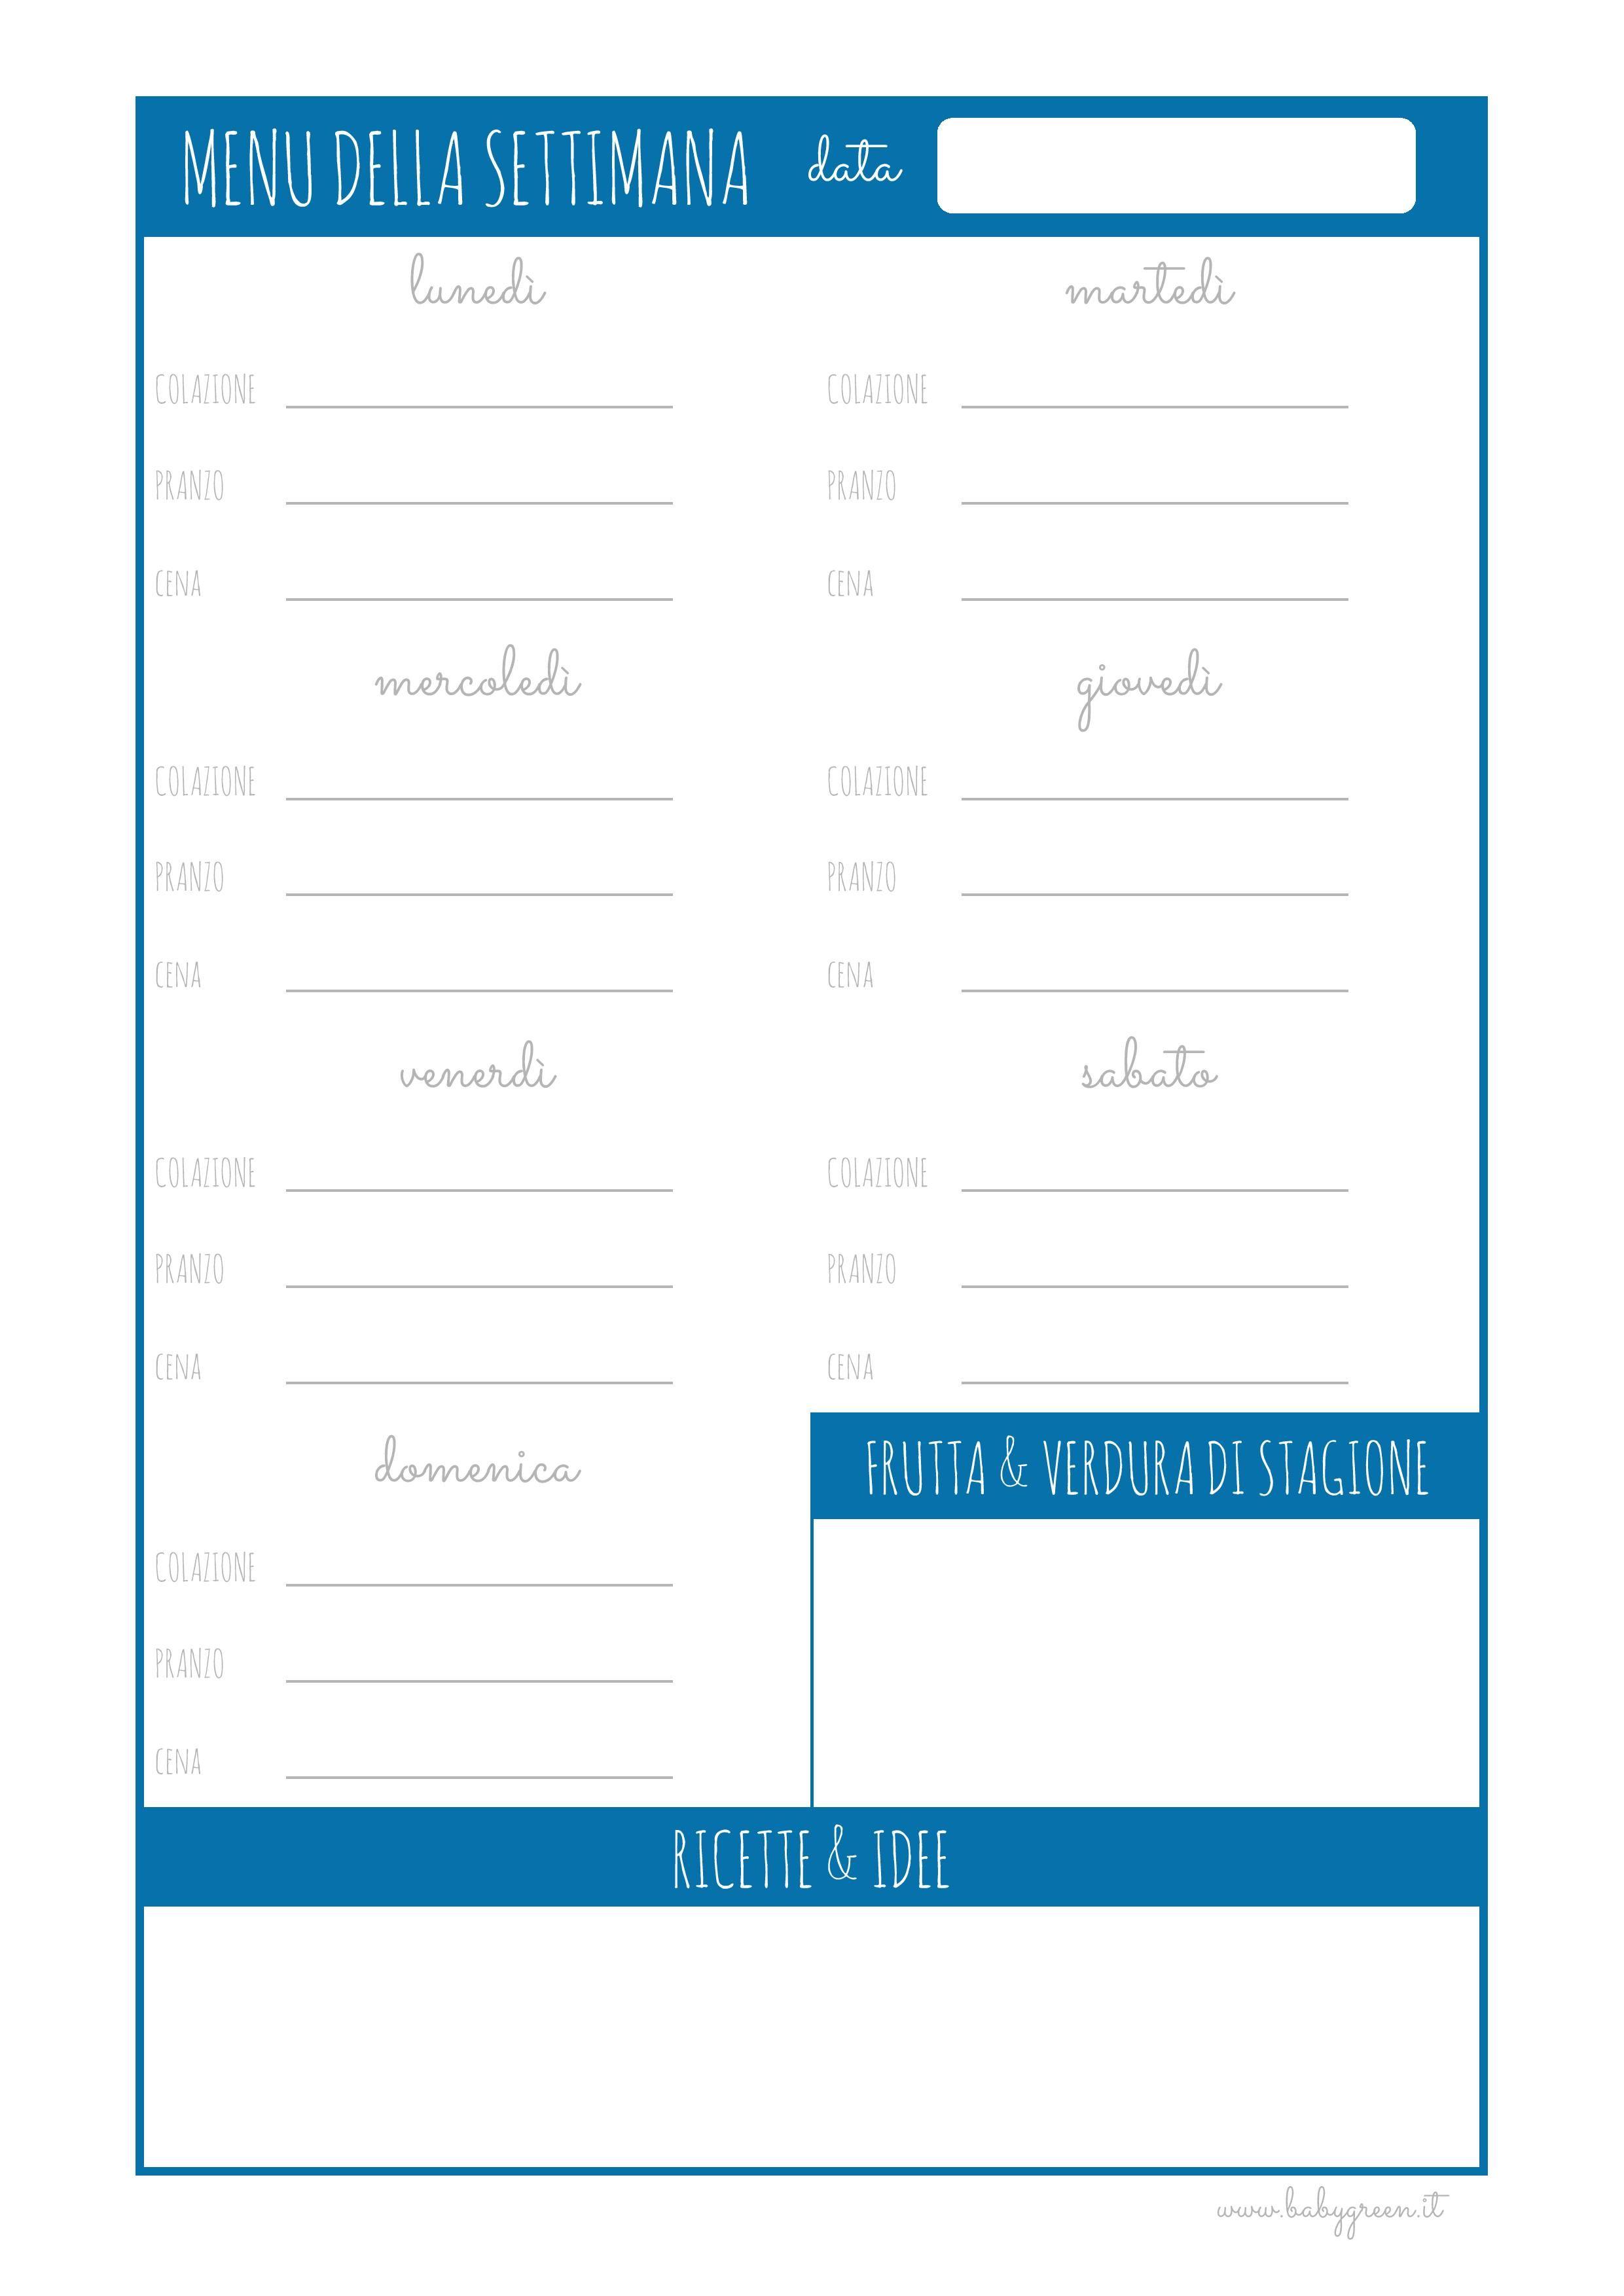 Come Organizzare I Pasti Settimanali come organizzare il menu della settimana (con immagini